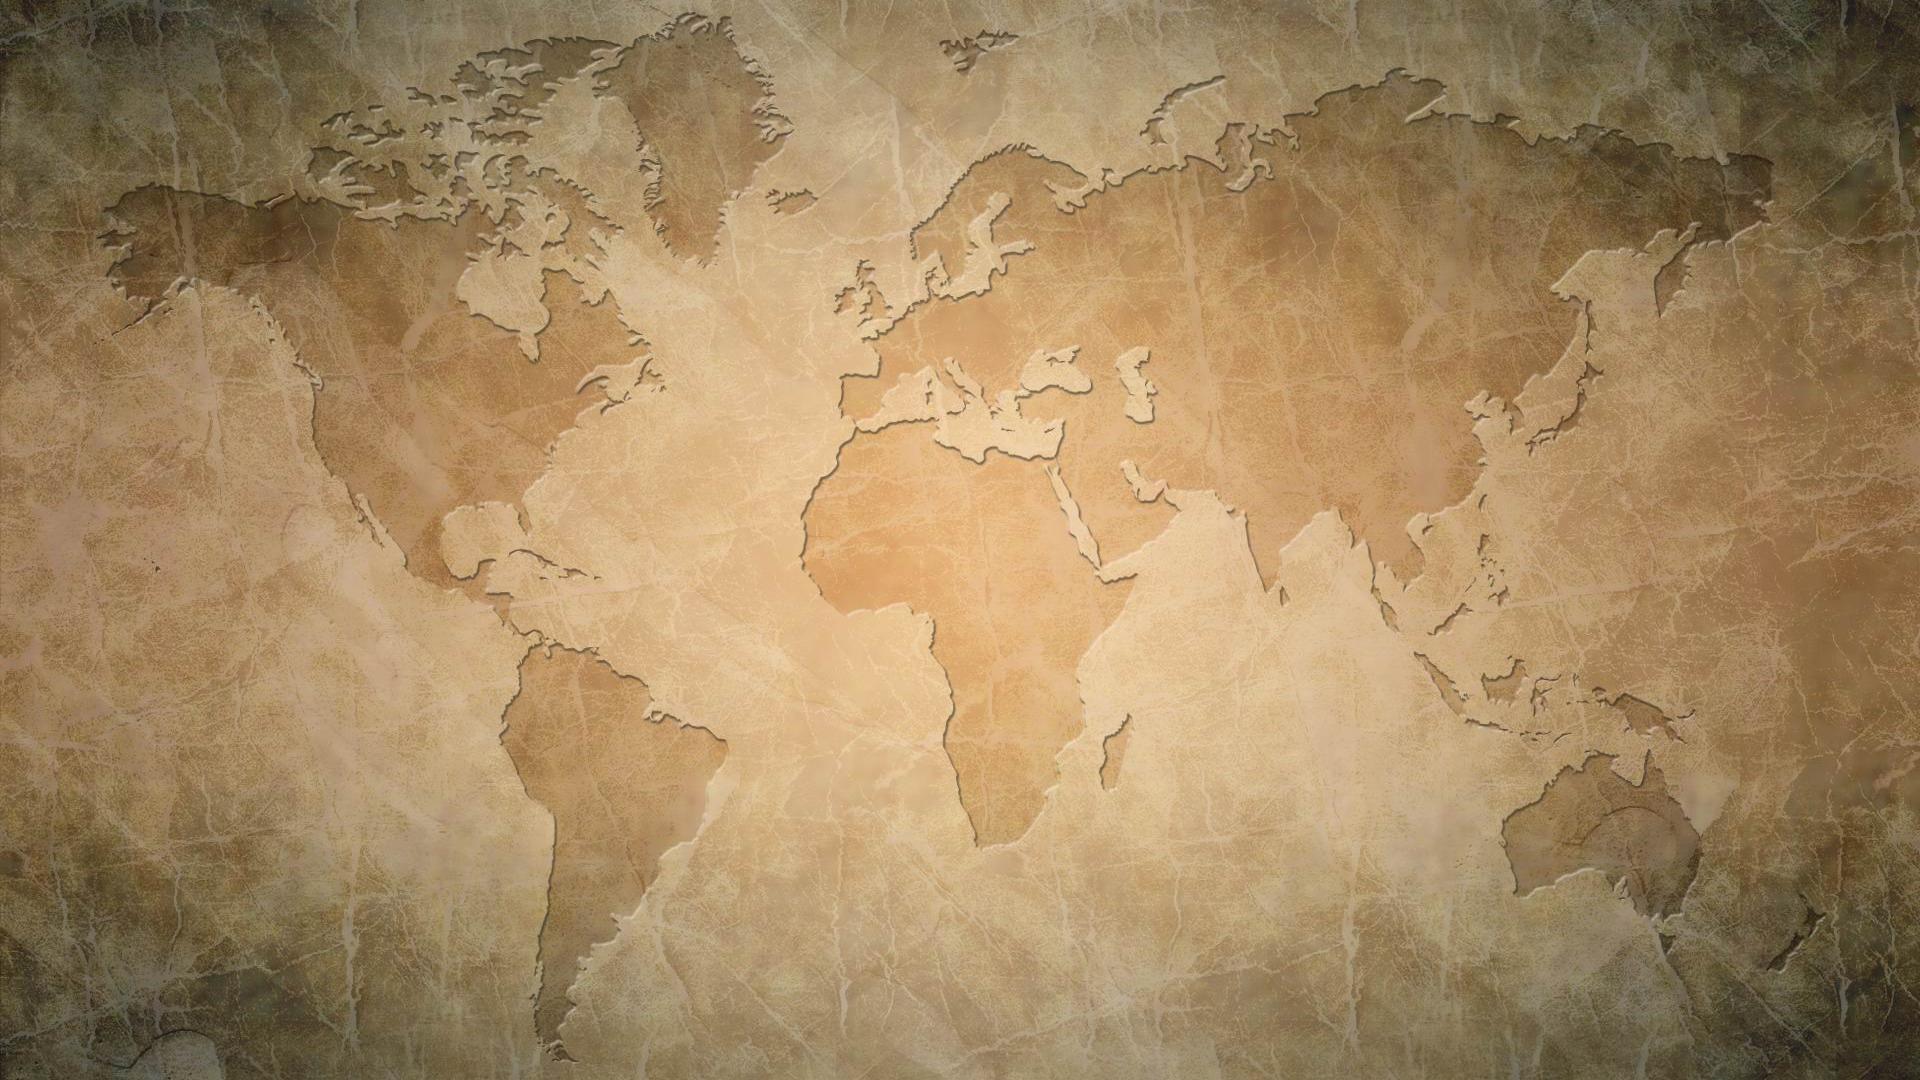 World map desktop wallpaper hd 70 images 1920x1080 circle packing green matrix code world map hd desktop wallpaper gumiabroncs Images